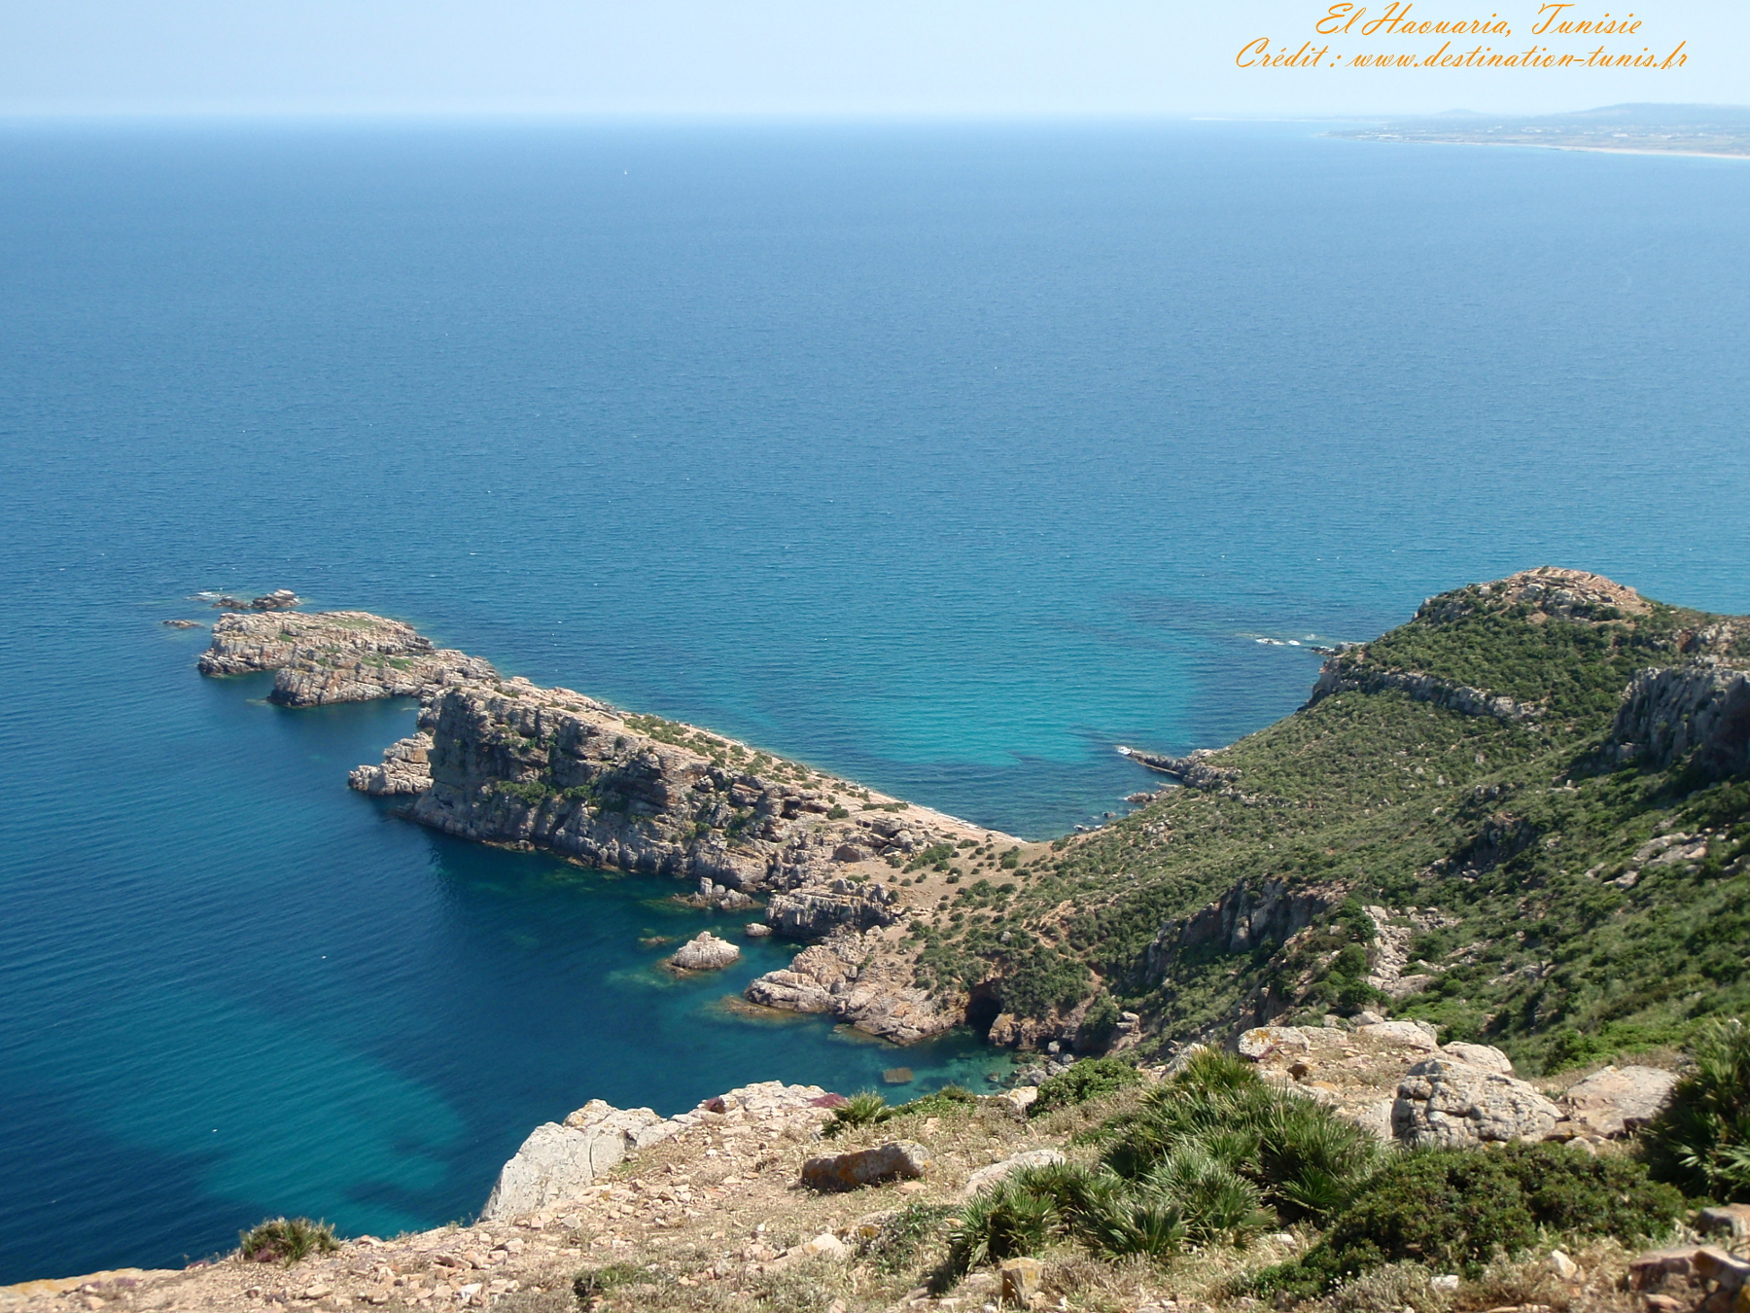 Fonds d'écran Mer et Plages Mer El Haouaria Tunisie